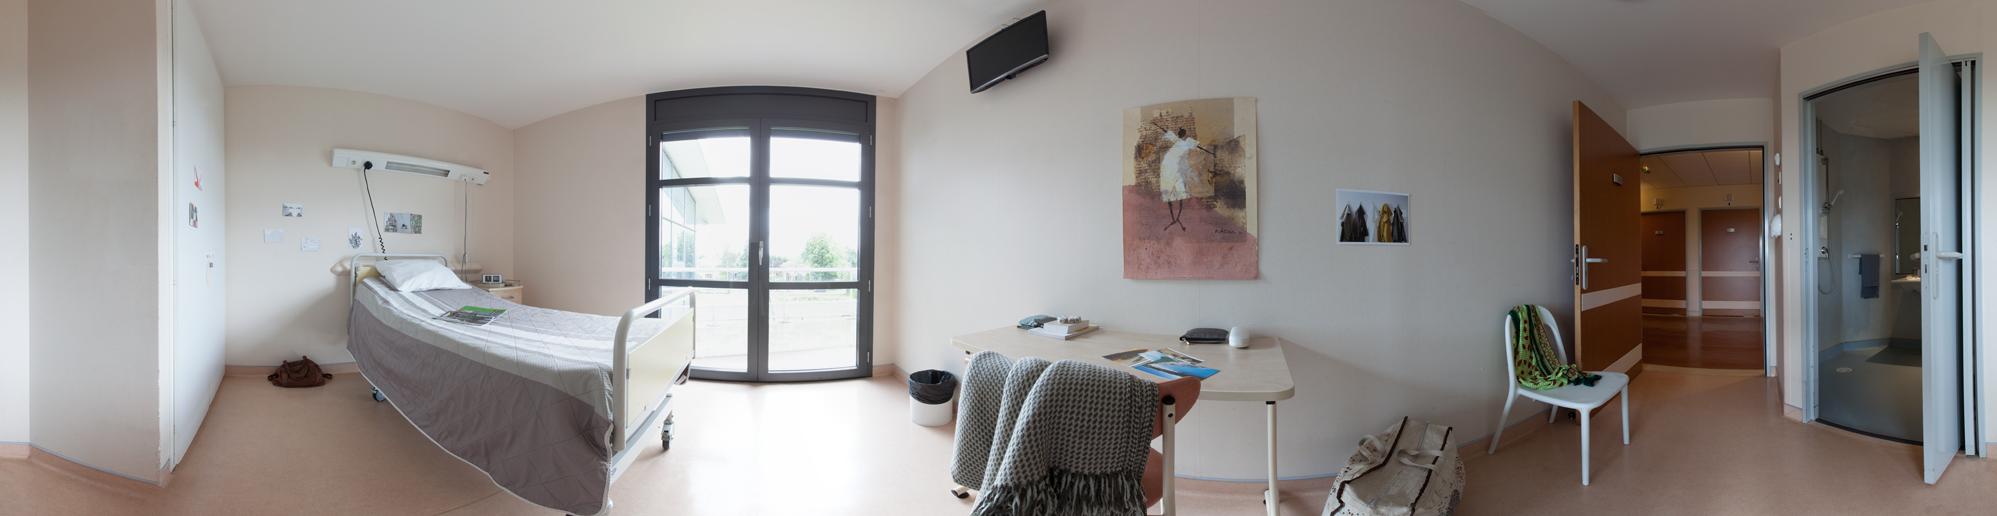 Les chambres simples du secteur d'hébergement des adultes sont chacunes équipées d'une salle d'eau privative.